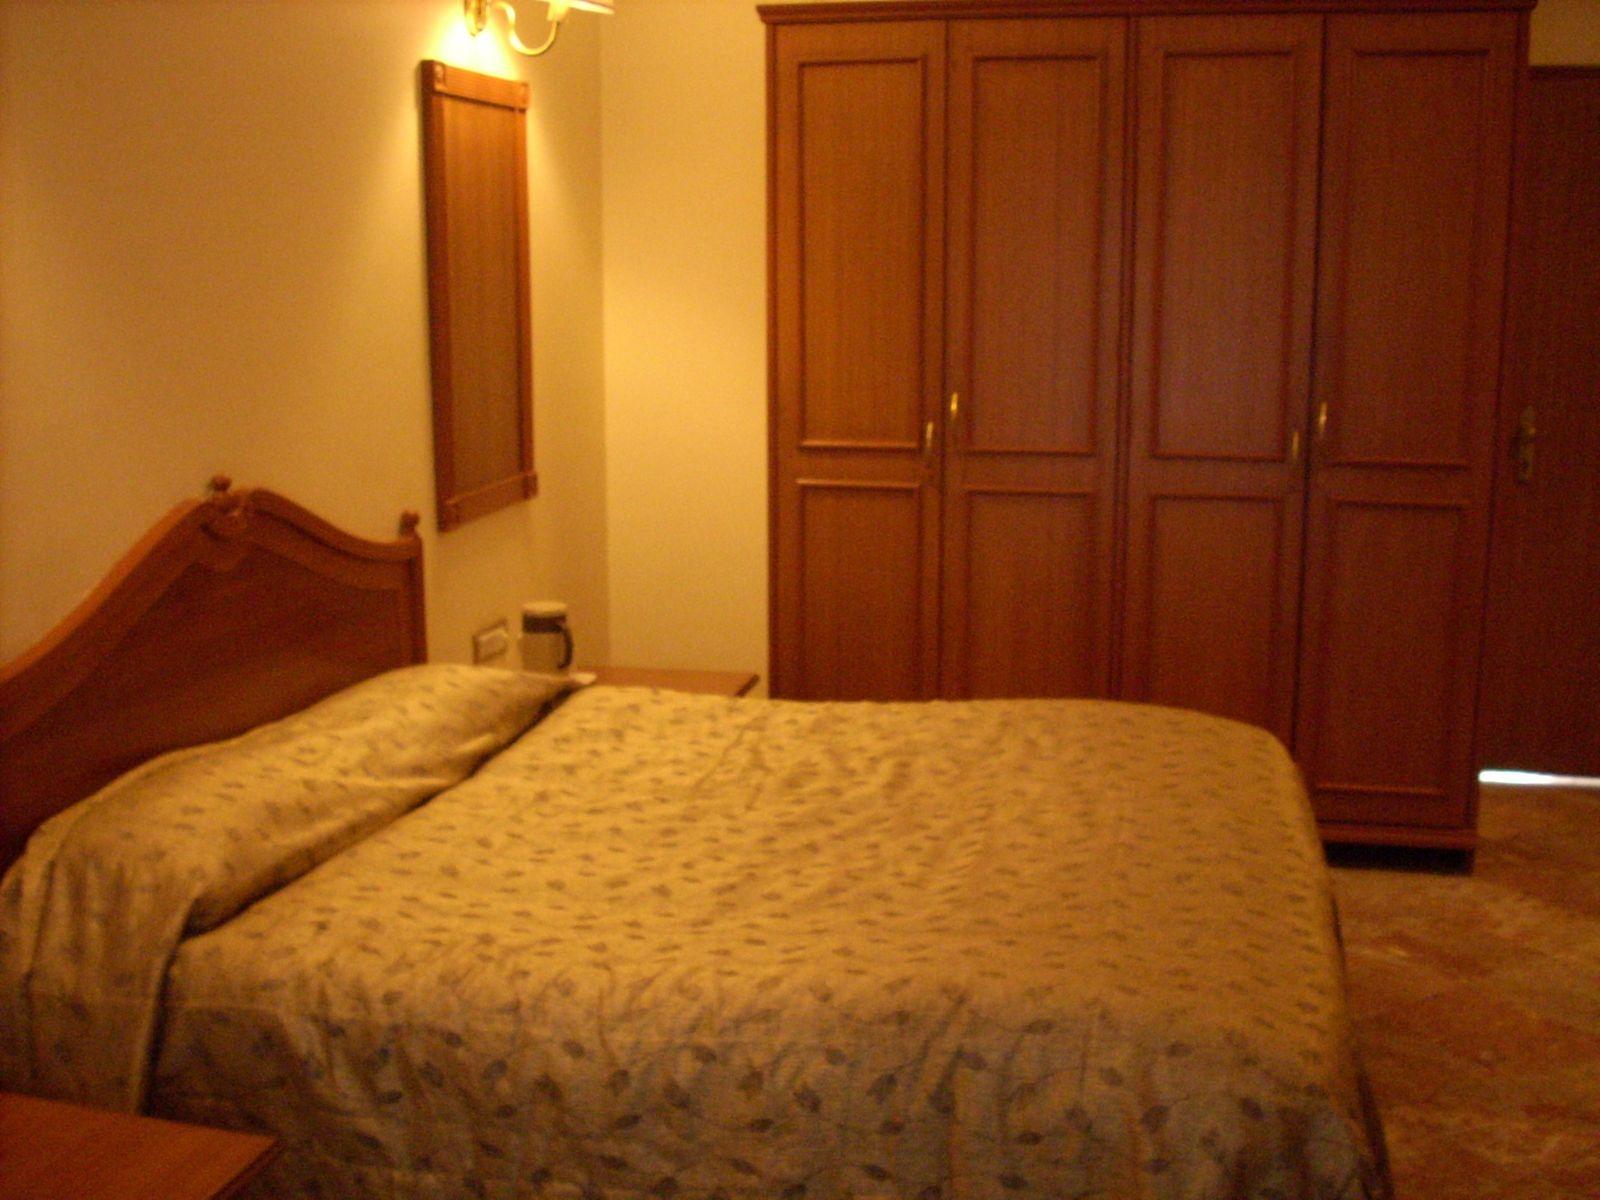 K Star Deluxe room